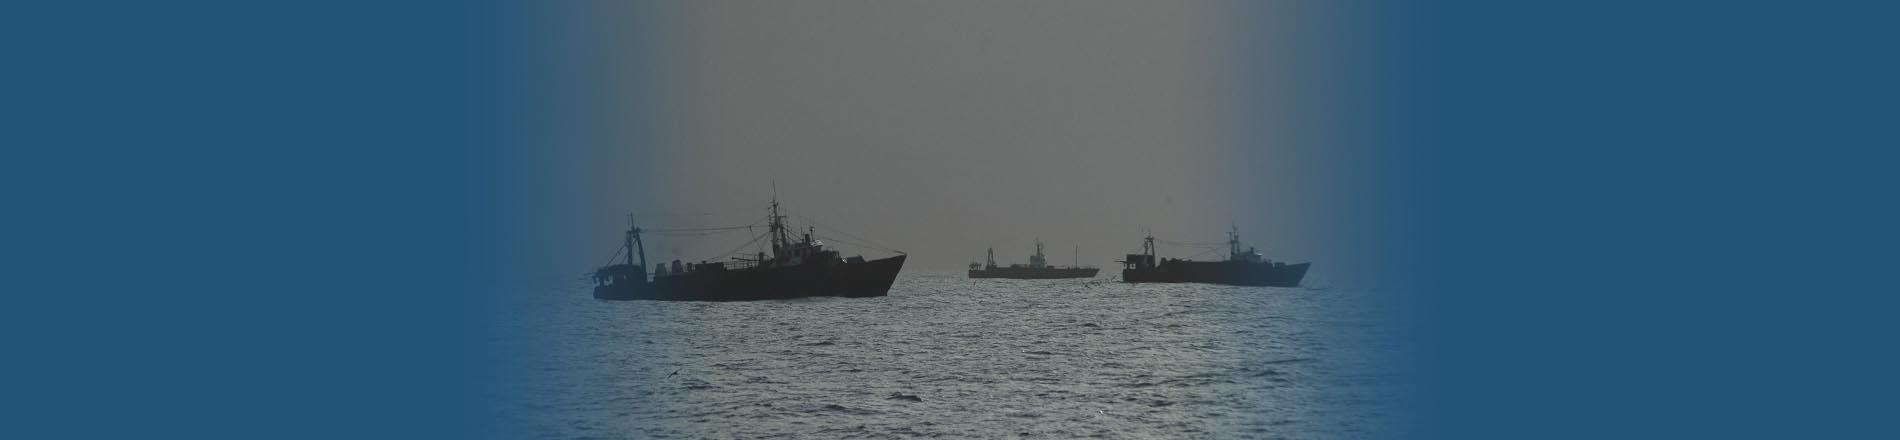 Captura de langostino en aguas de jurisdicción nacional